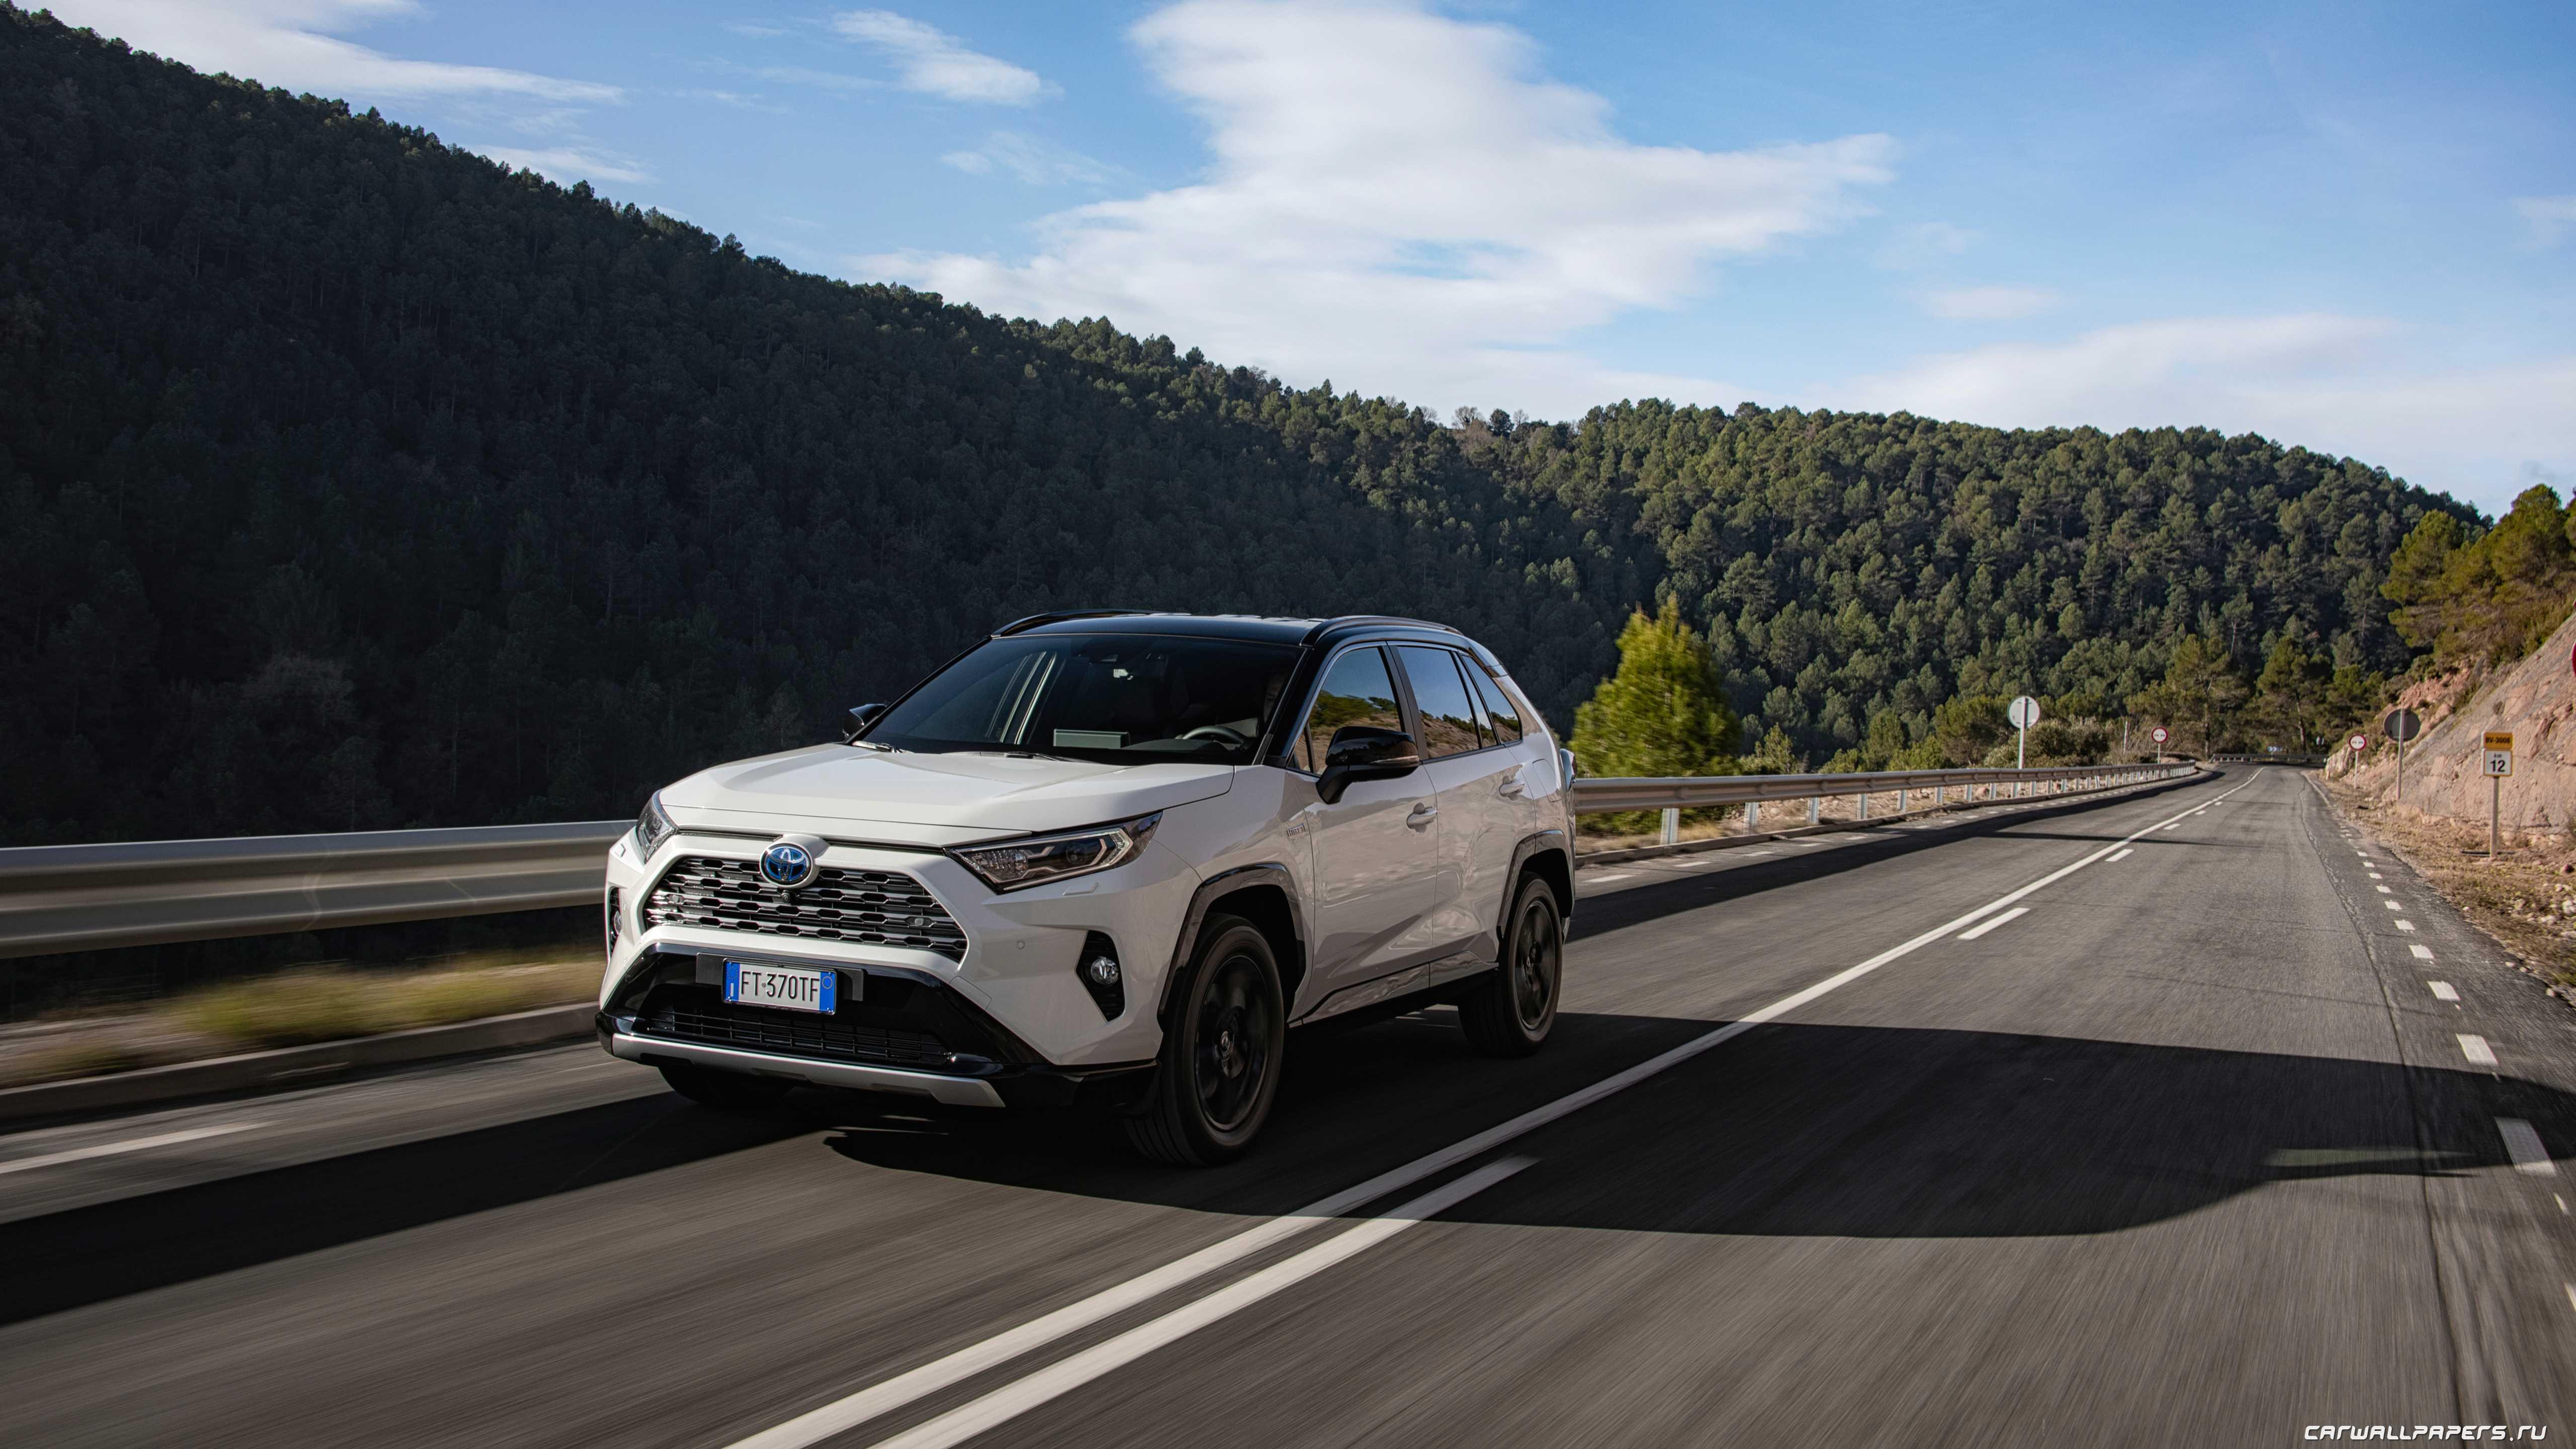 Toyota rav4 2018, 2019, 2020, 2021, джип/suv 5 дв., 5 поколение, xa50 технические характеристики и комплектации